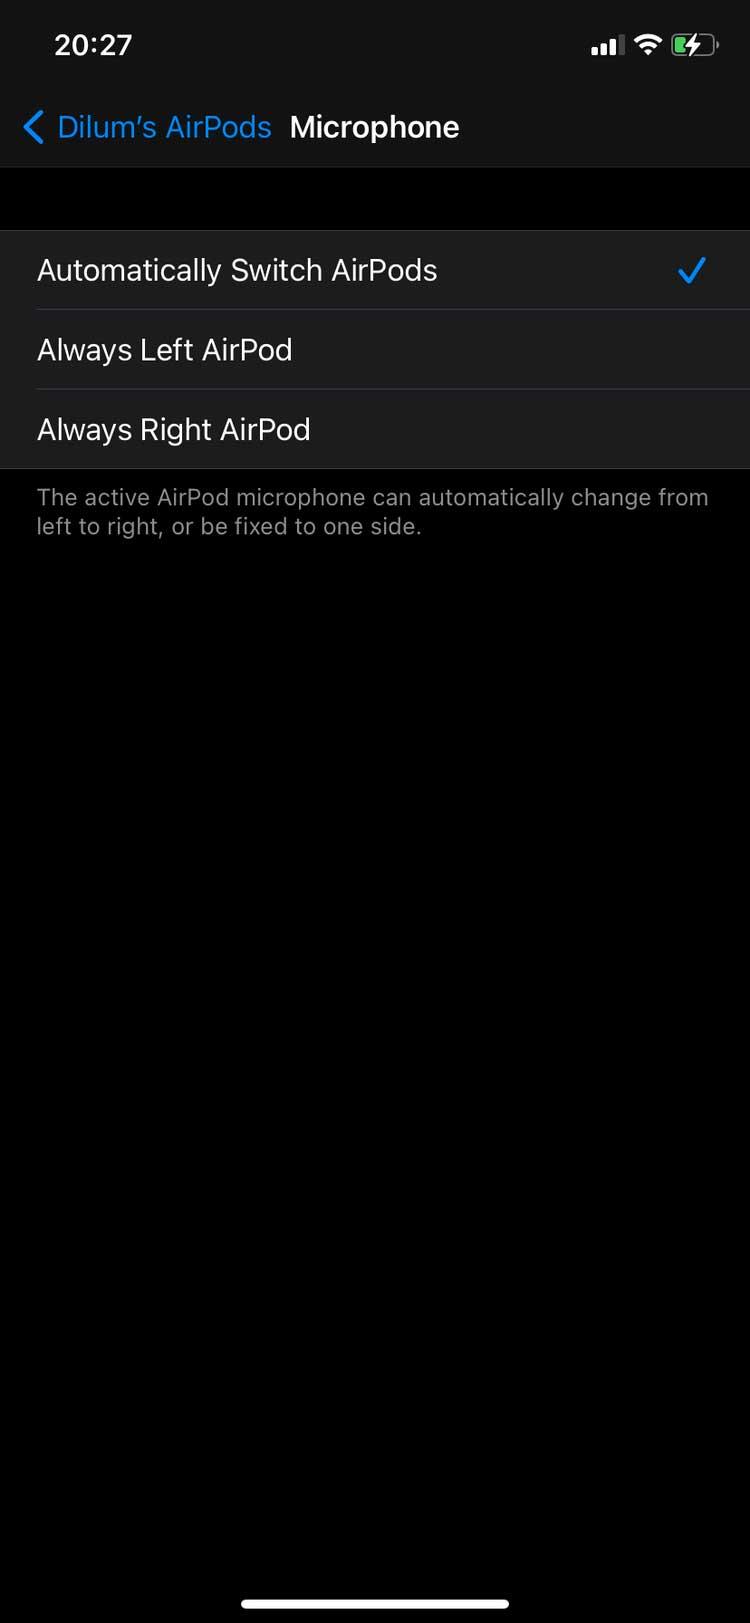 Cấu hình cài đặt mic AirPods trên iPhone